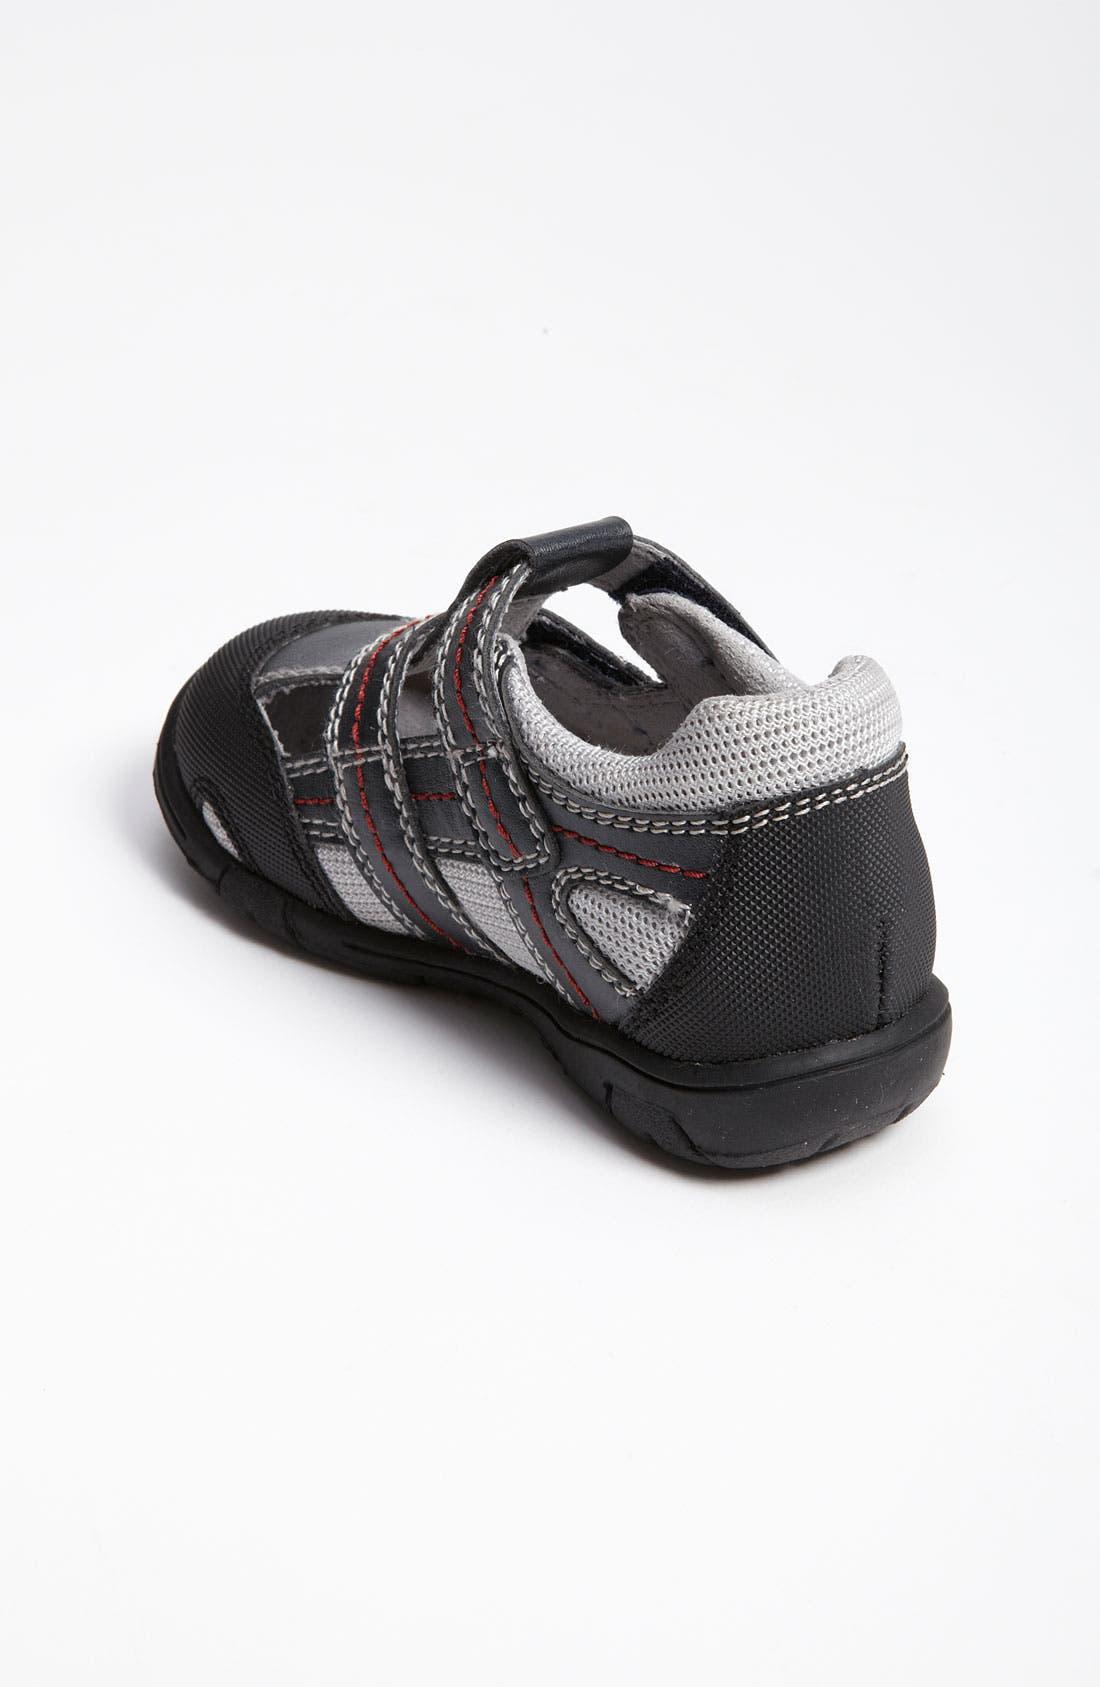 Alternate Image 2  - Jumping Jacks 'All Terrain' Sneaker (Walker & Toddler)